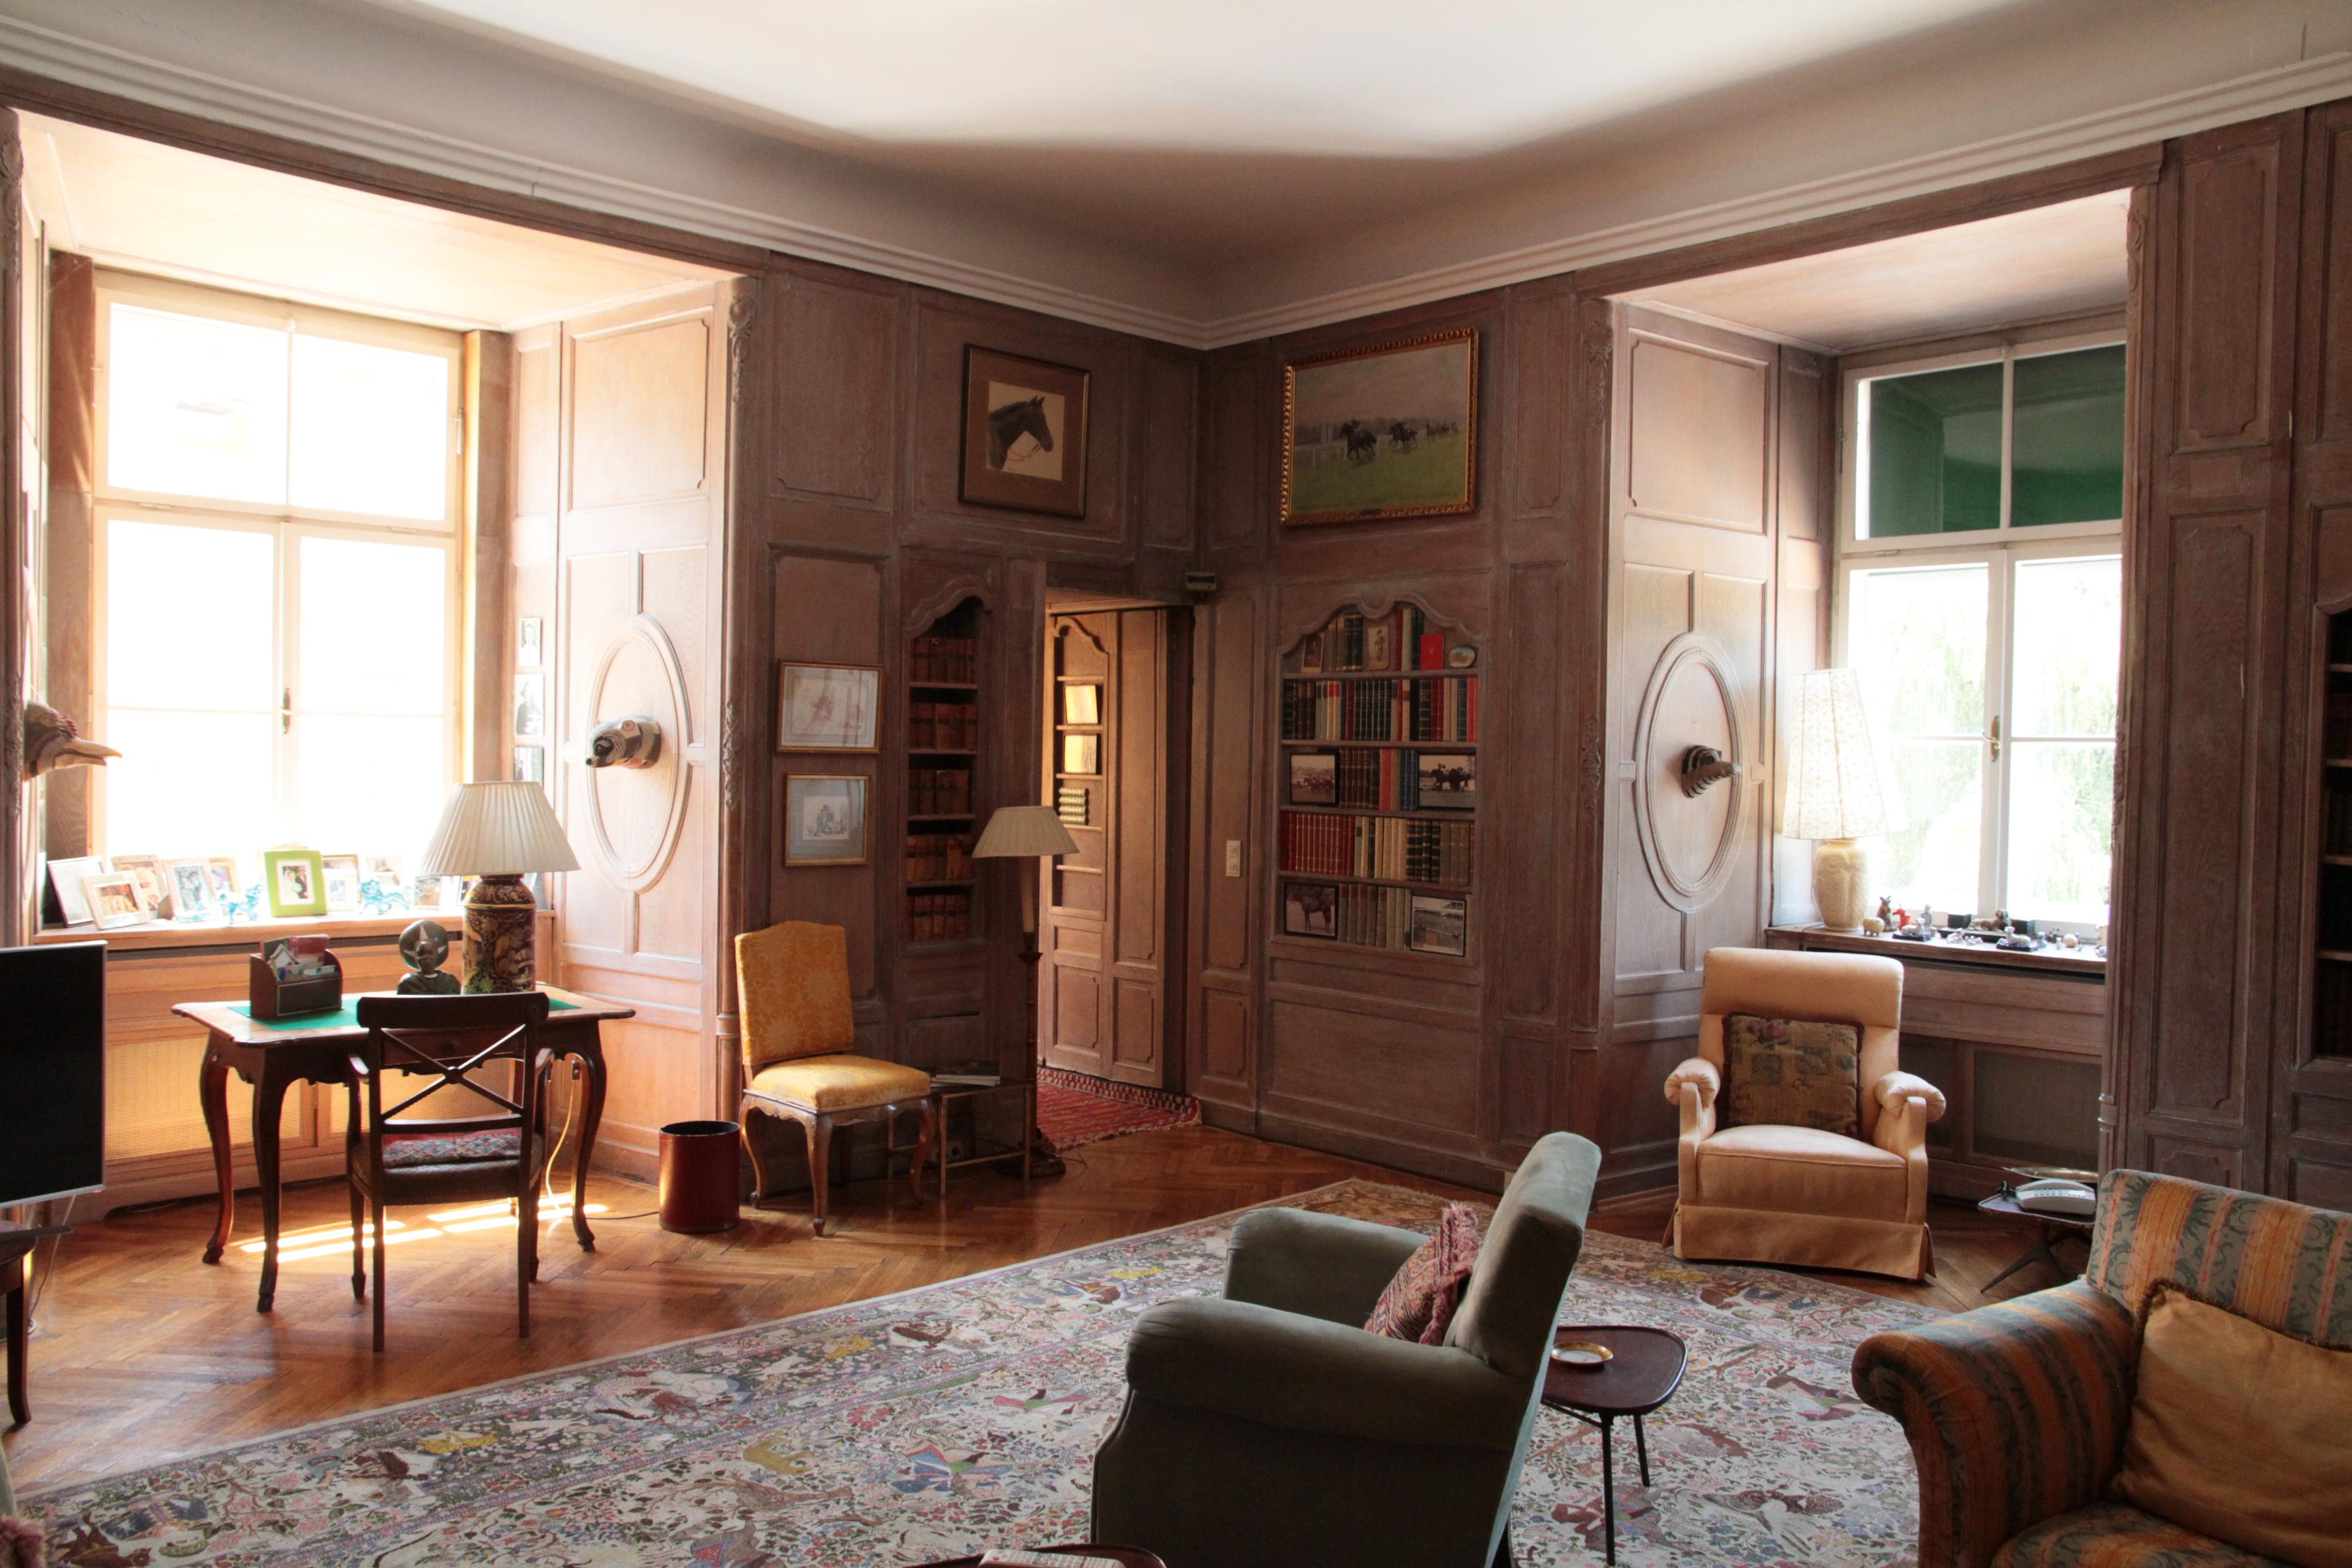 Appartement de vacances Luxuriöses, einzigartiges barockes Schloss, aufwendig eingerichtet (2306589), St. Pölten, Mostviertel, Basse Autriche, Autriche, image 22